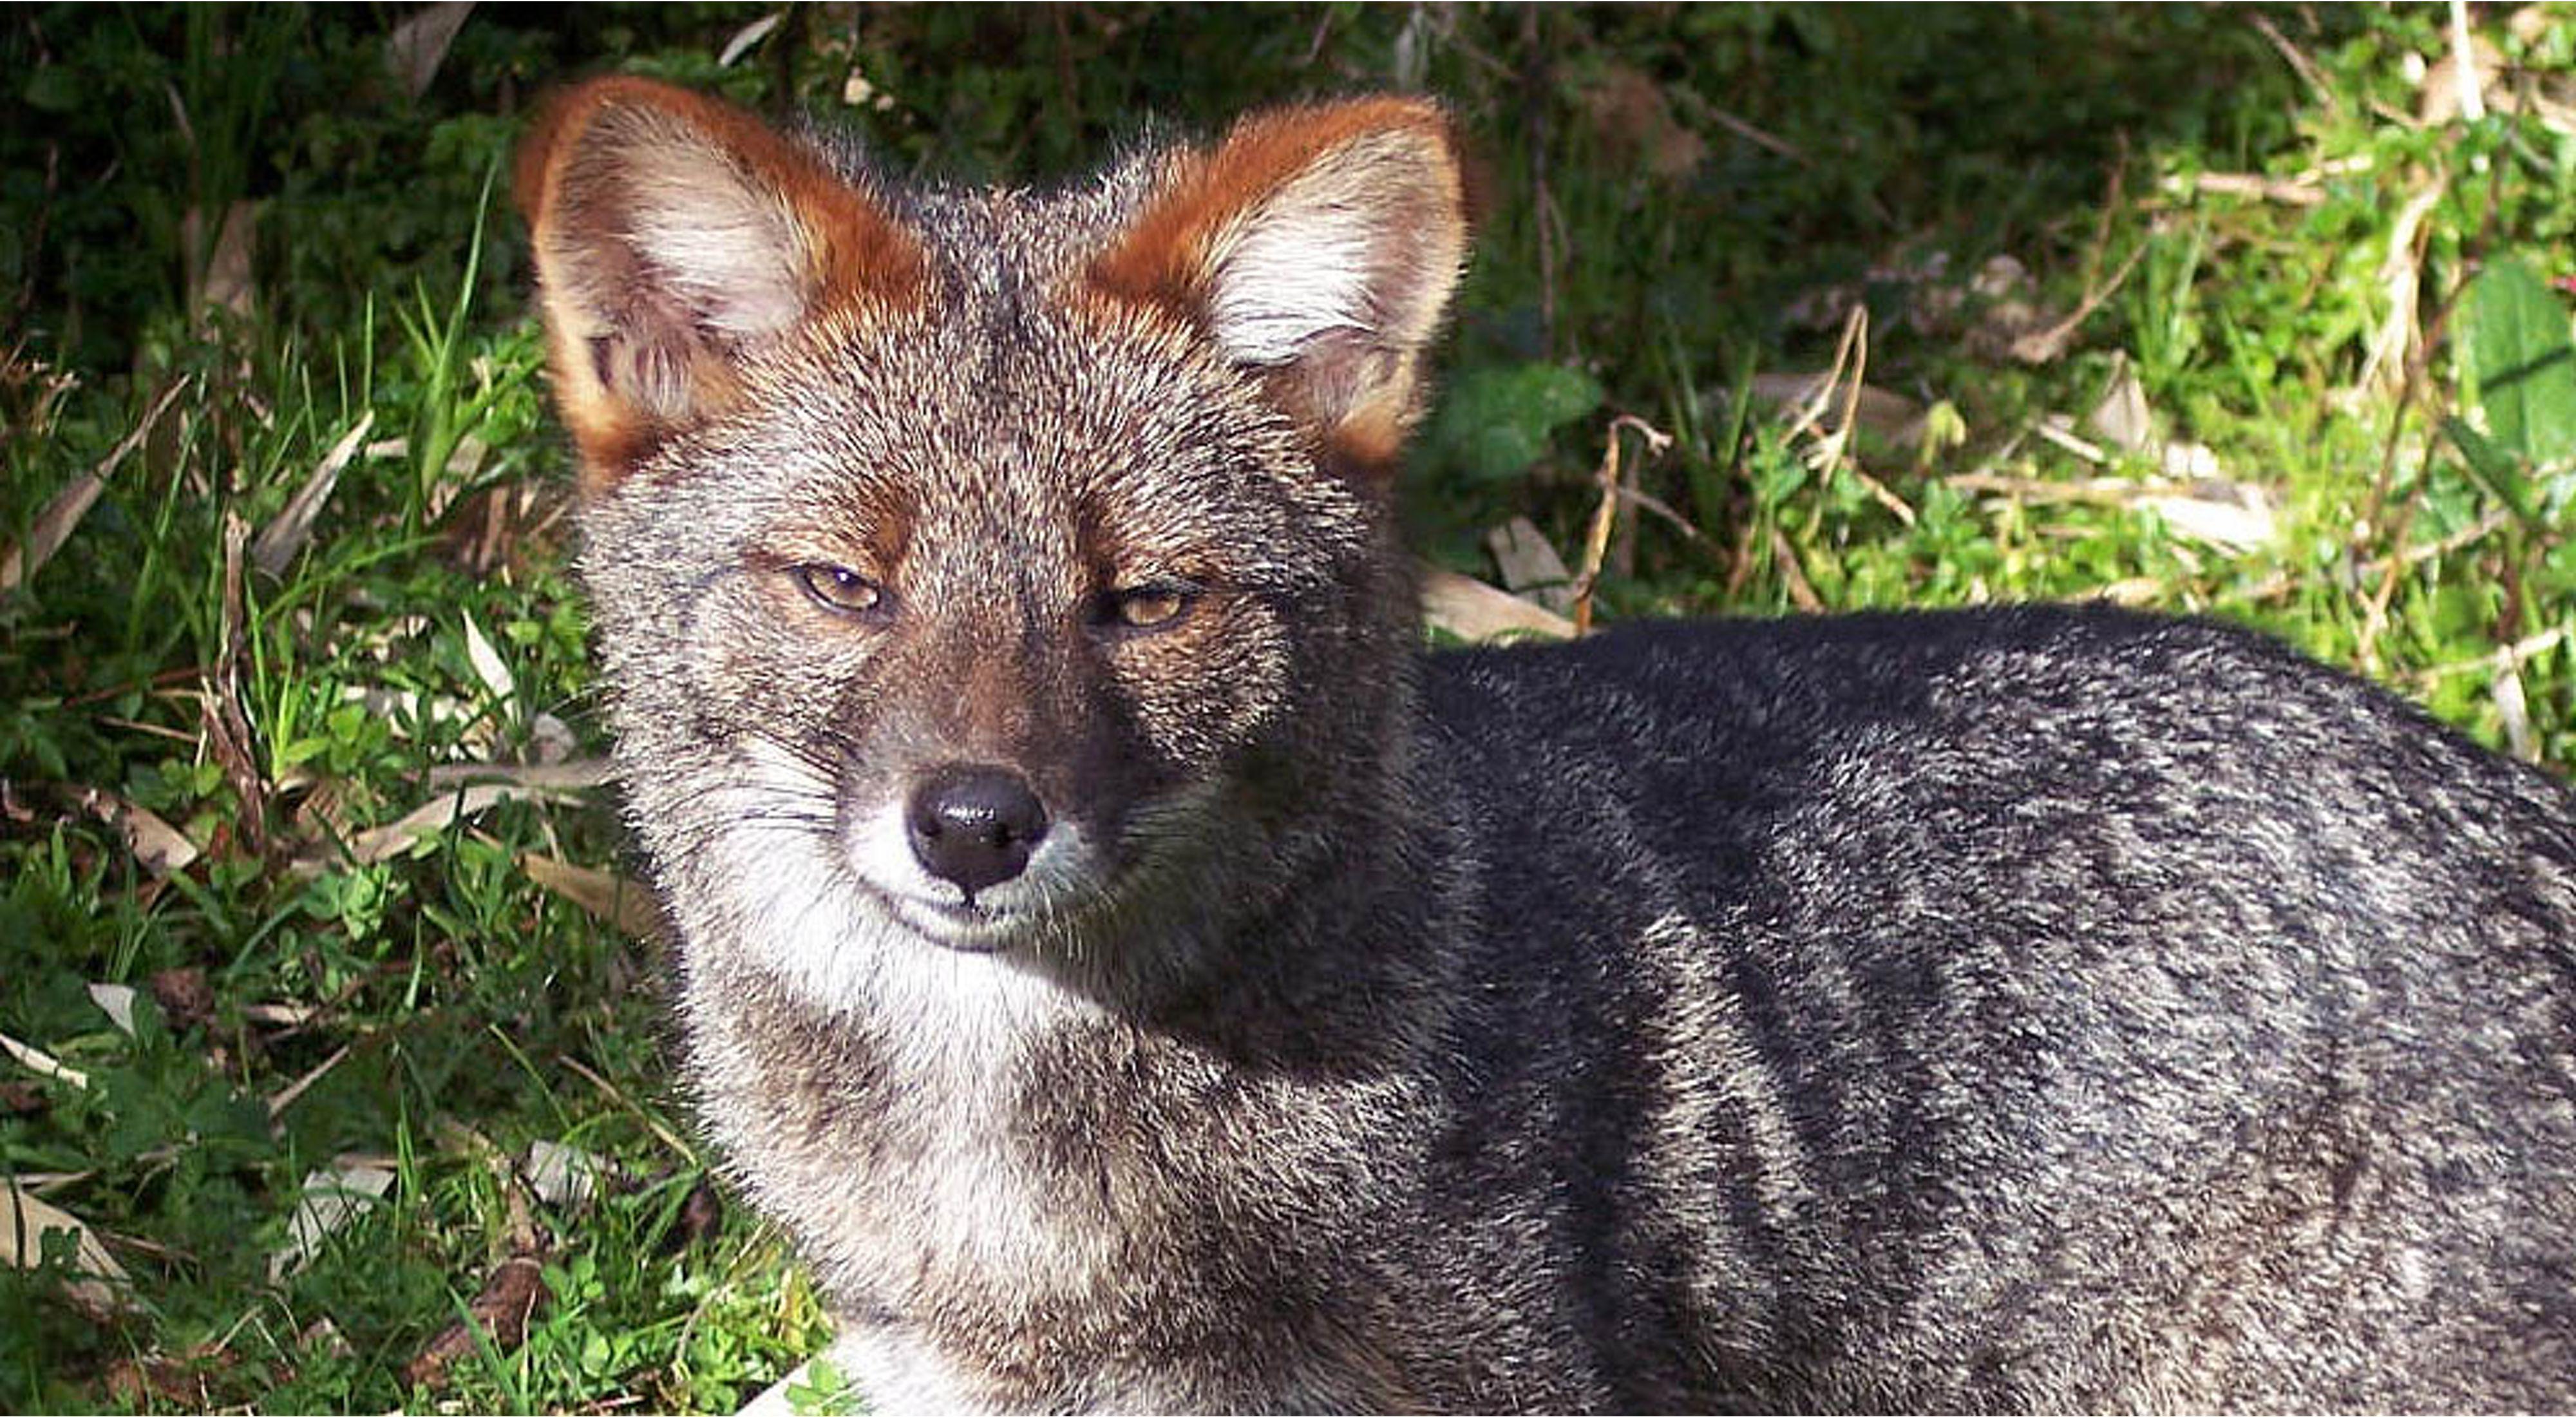 La Reserva Costera Valdiviana protege los últimos bosques hogar de una especie endémica de Chile que se creía extinta: el zorro de Darwin.